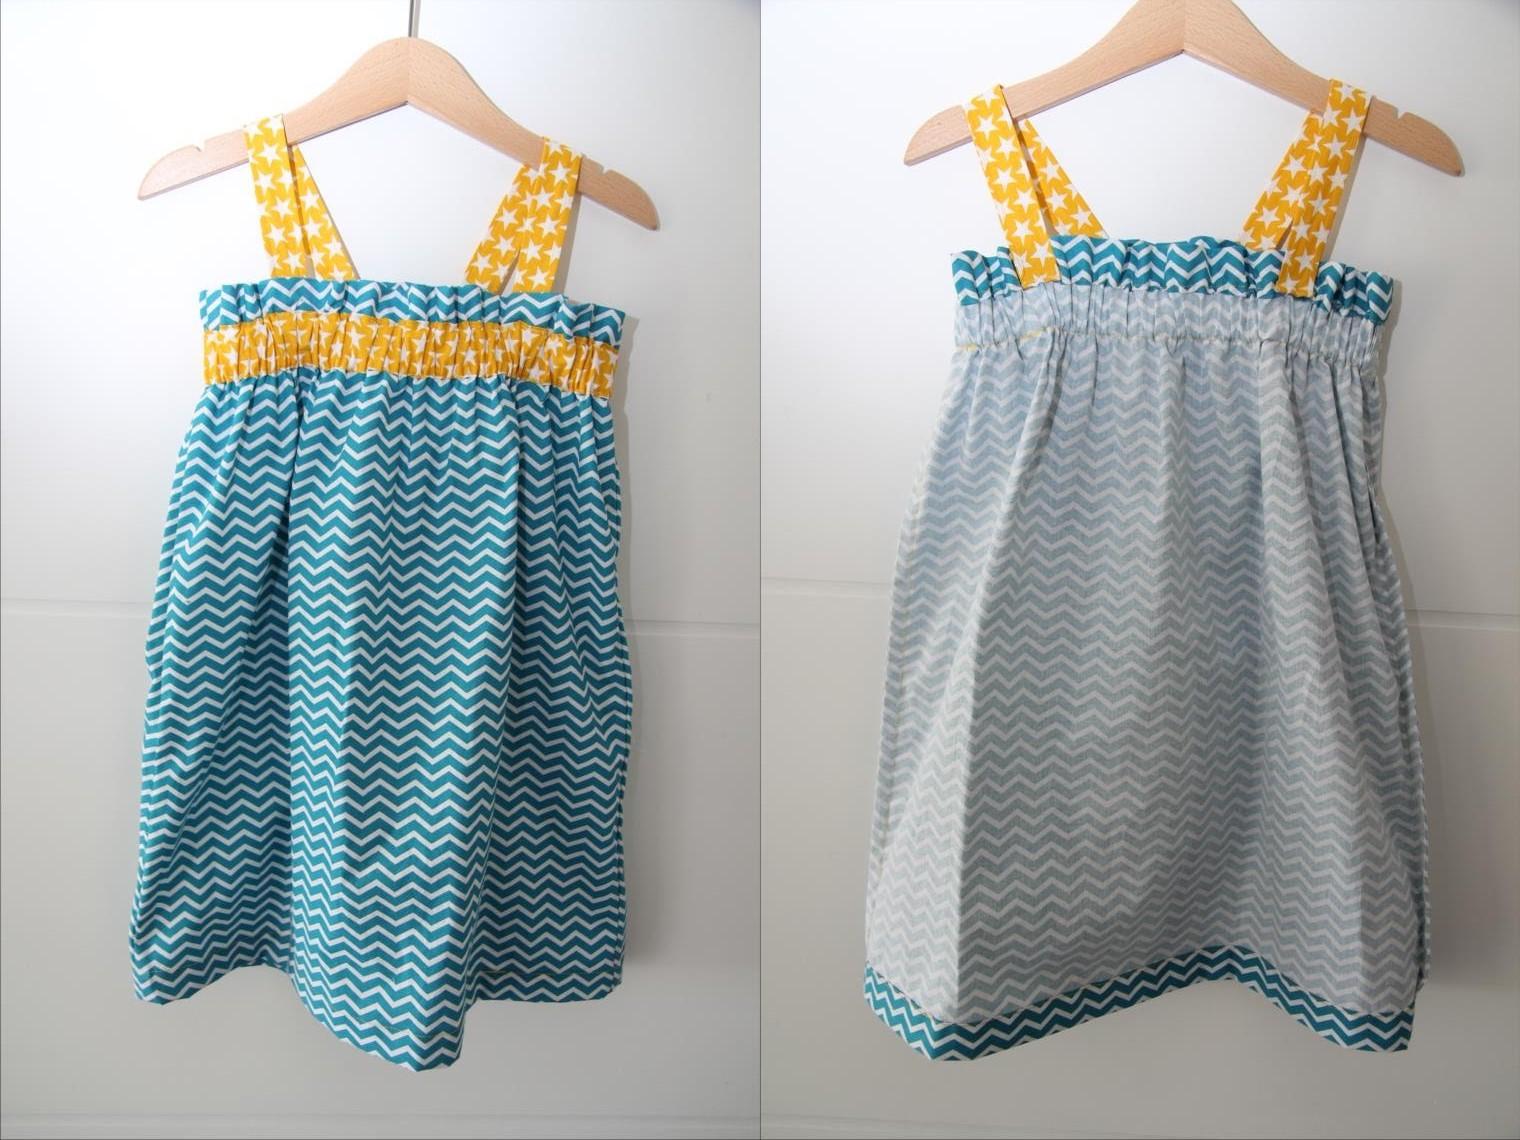 Les Laisse Robe Couture Enfant Luciefer Secrets Petits Tuto 44wqC5